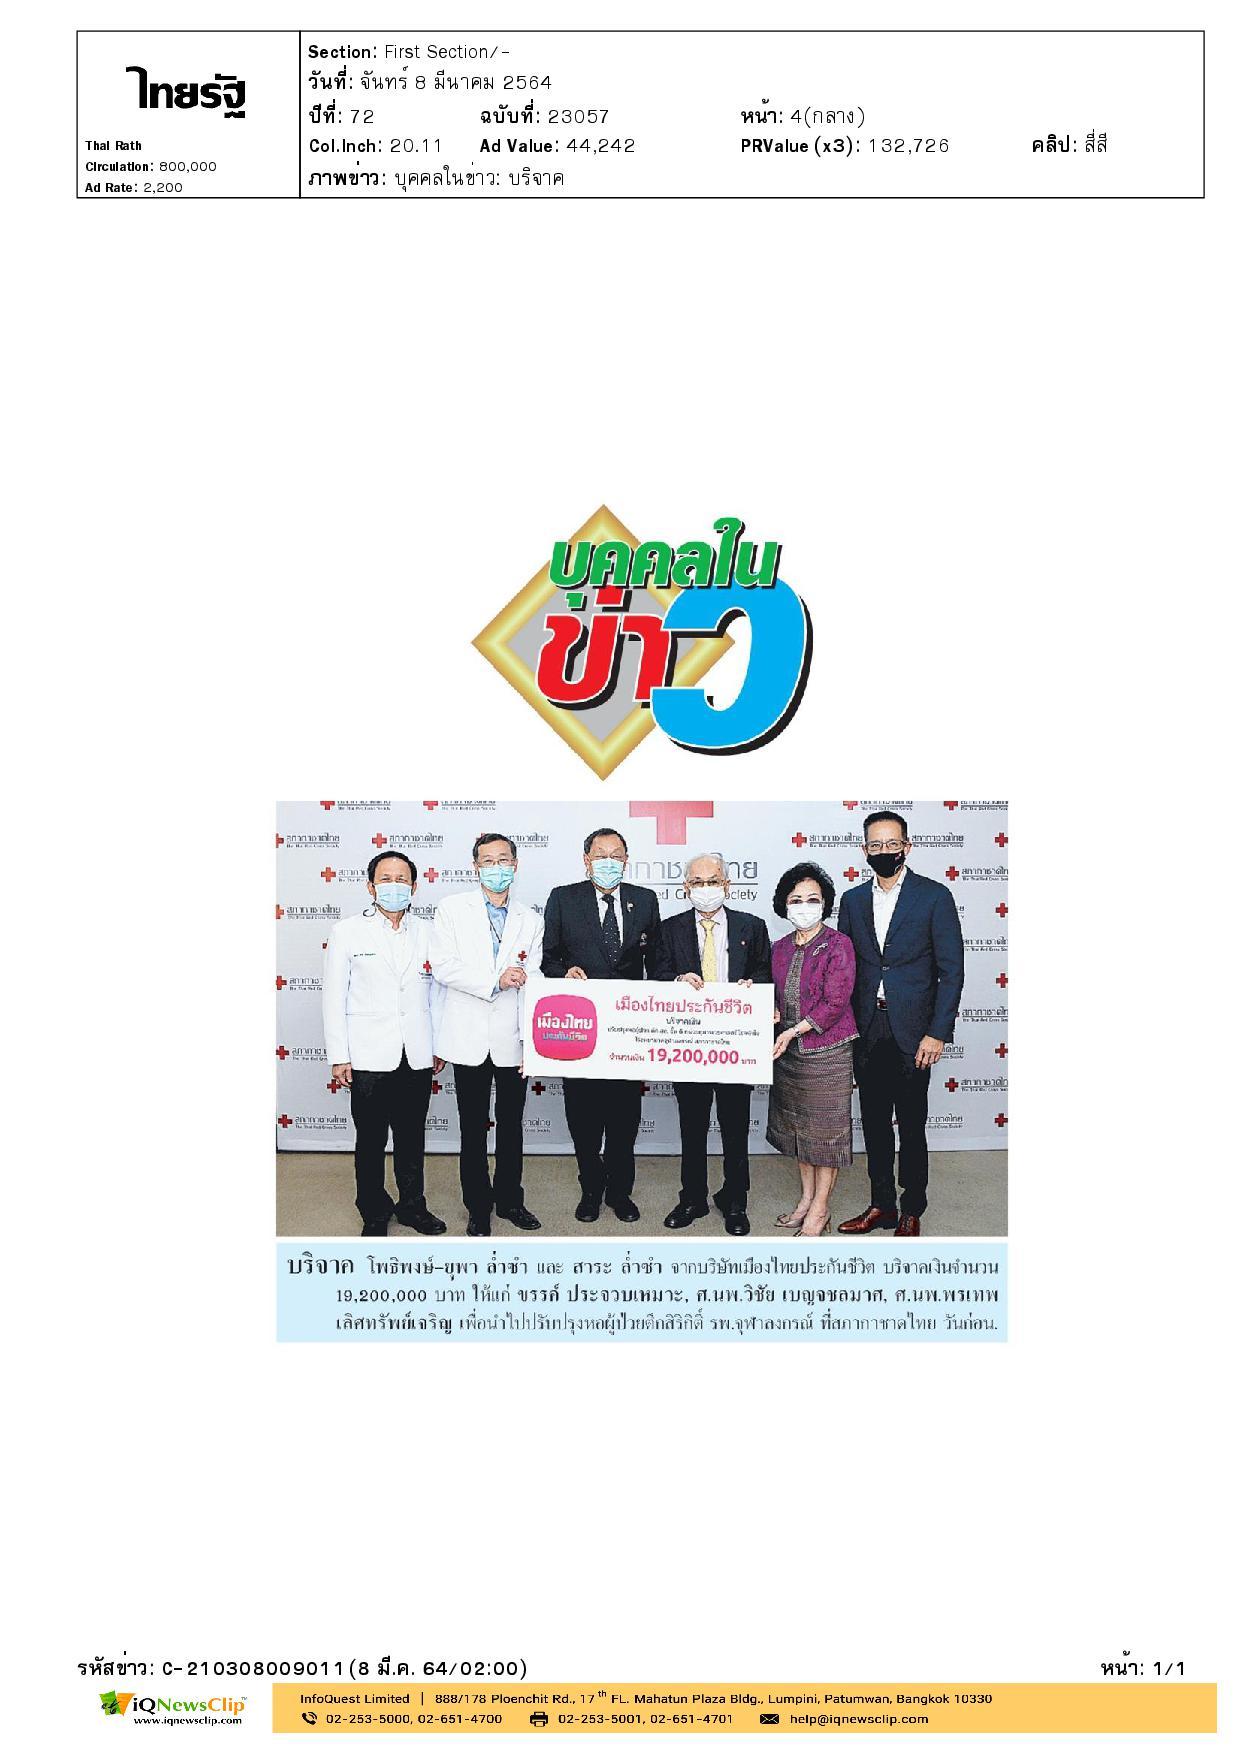 รับมอบเงินจากบริษัท เมืองไทยประกันชีวิต จำกัด เพื่อนำไปปรับปรุงหอผู้ป่วยตึกสิริกิติ์ รพ.จุฬาฯ